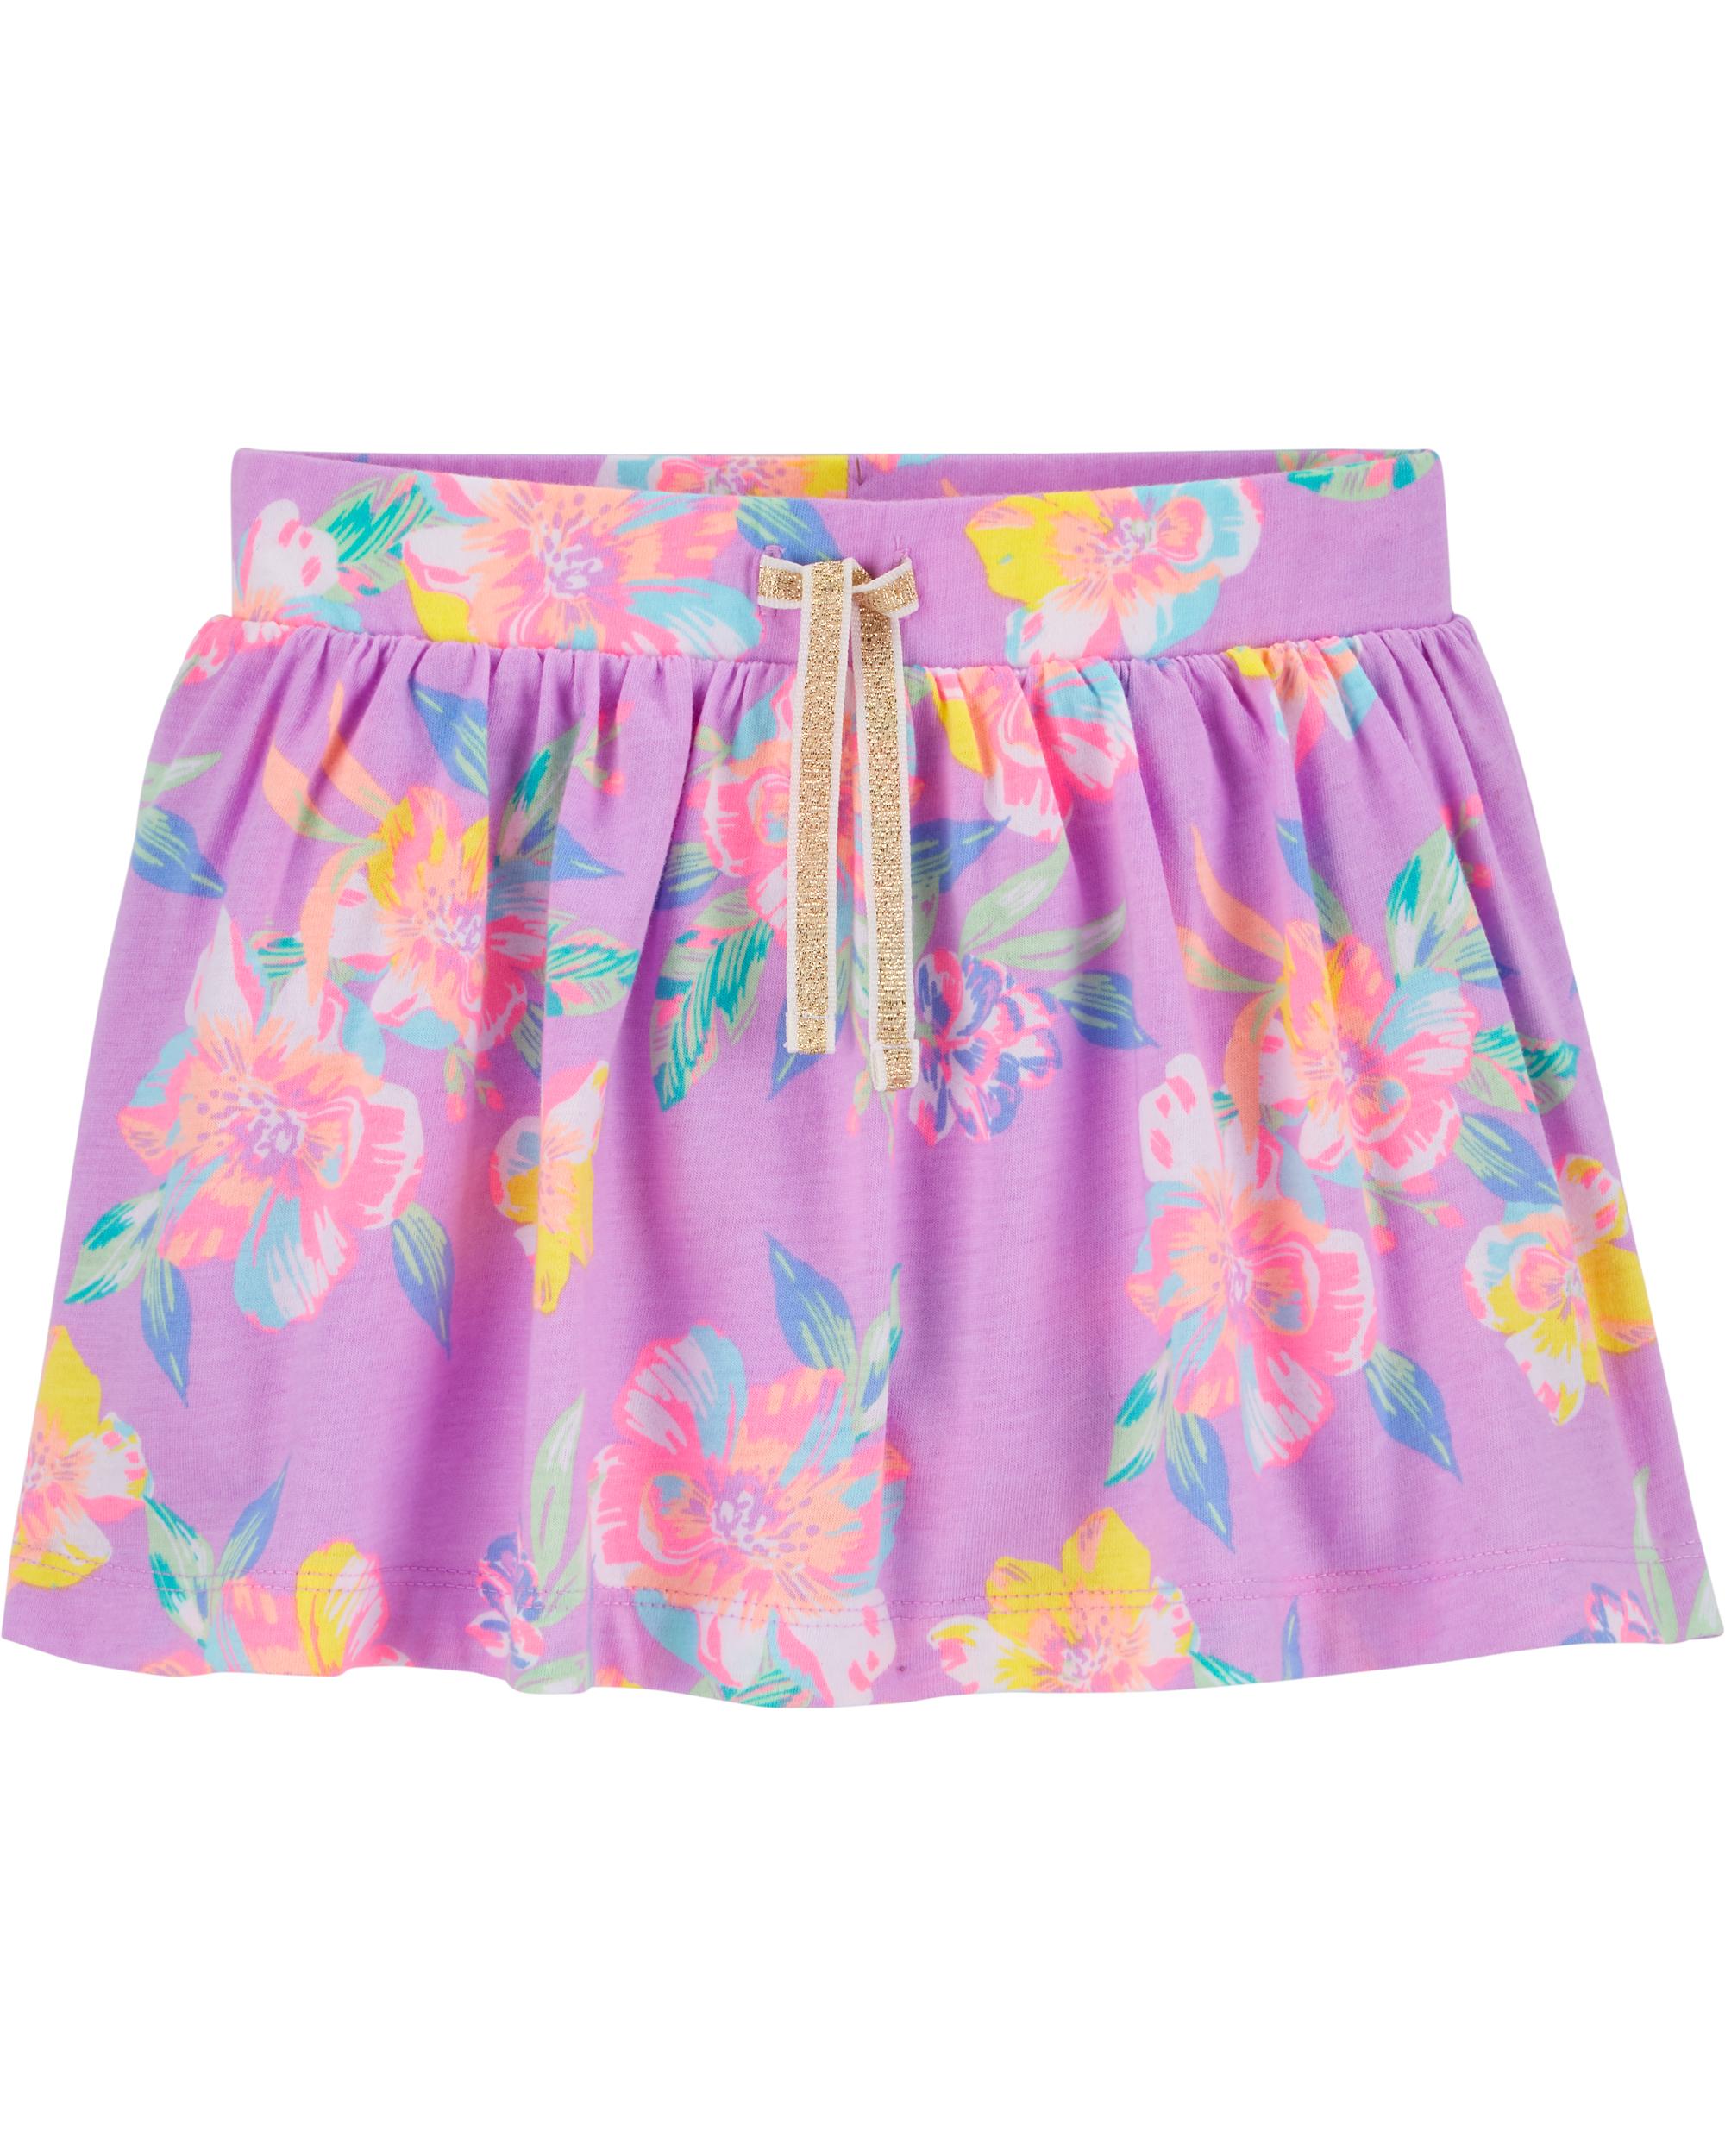 חצאית פרחונית סגולה